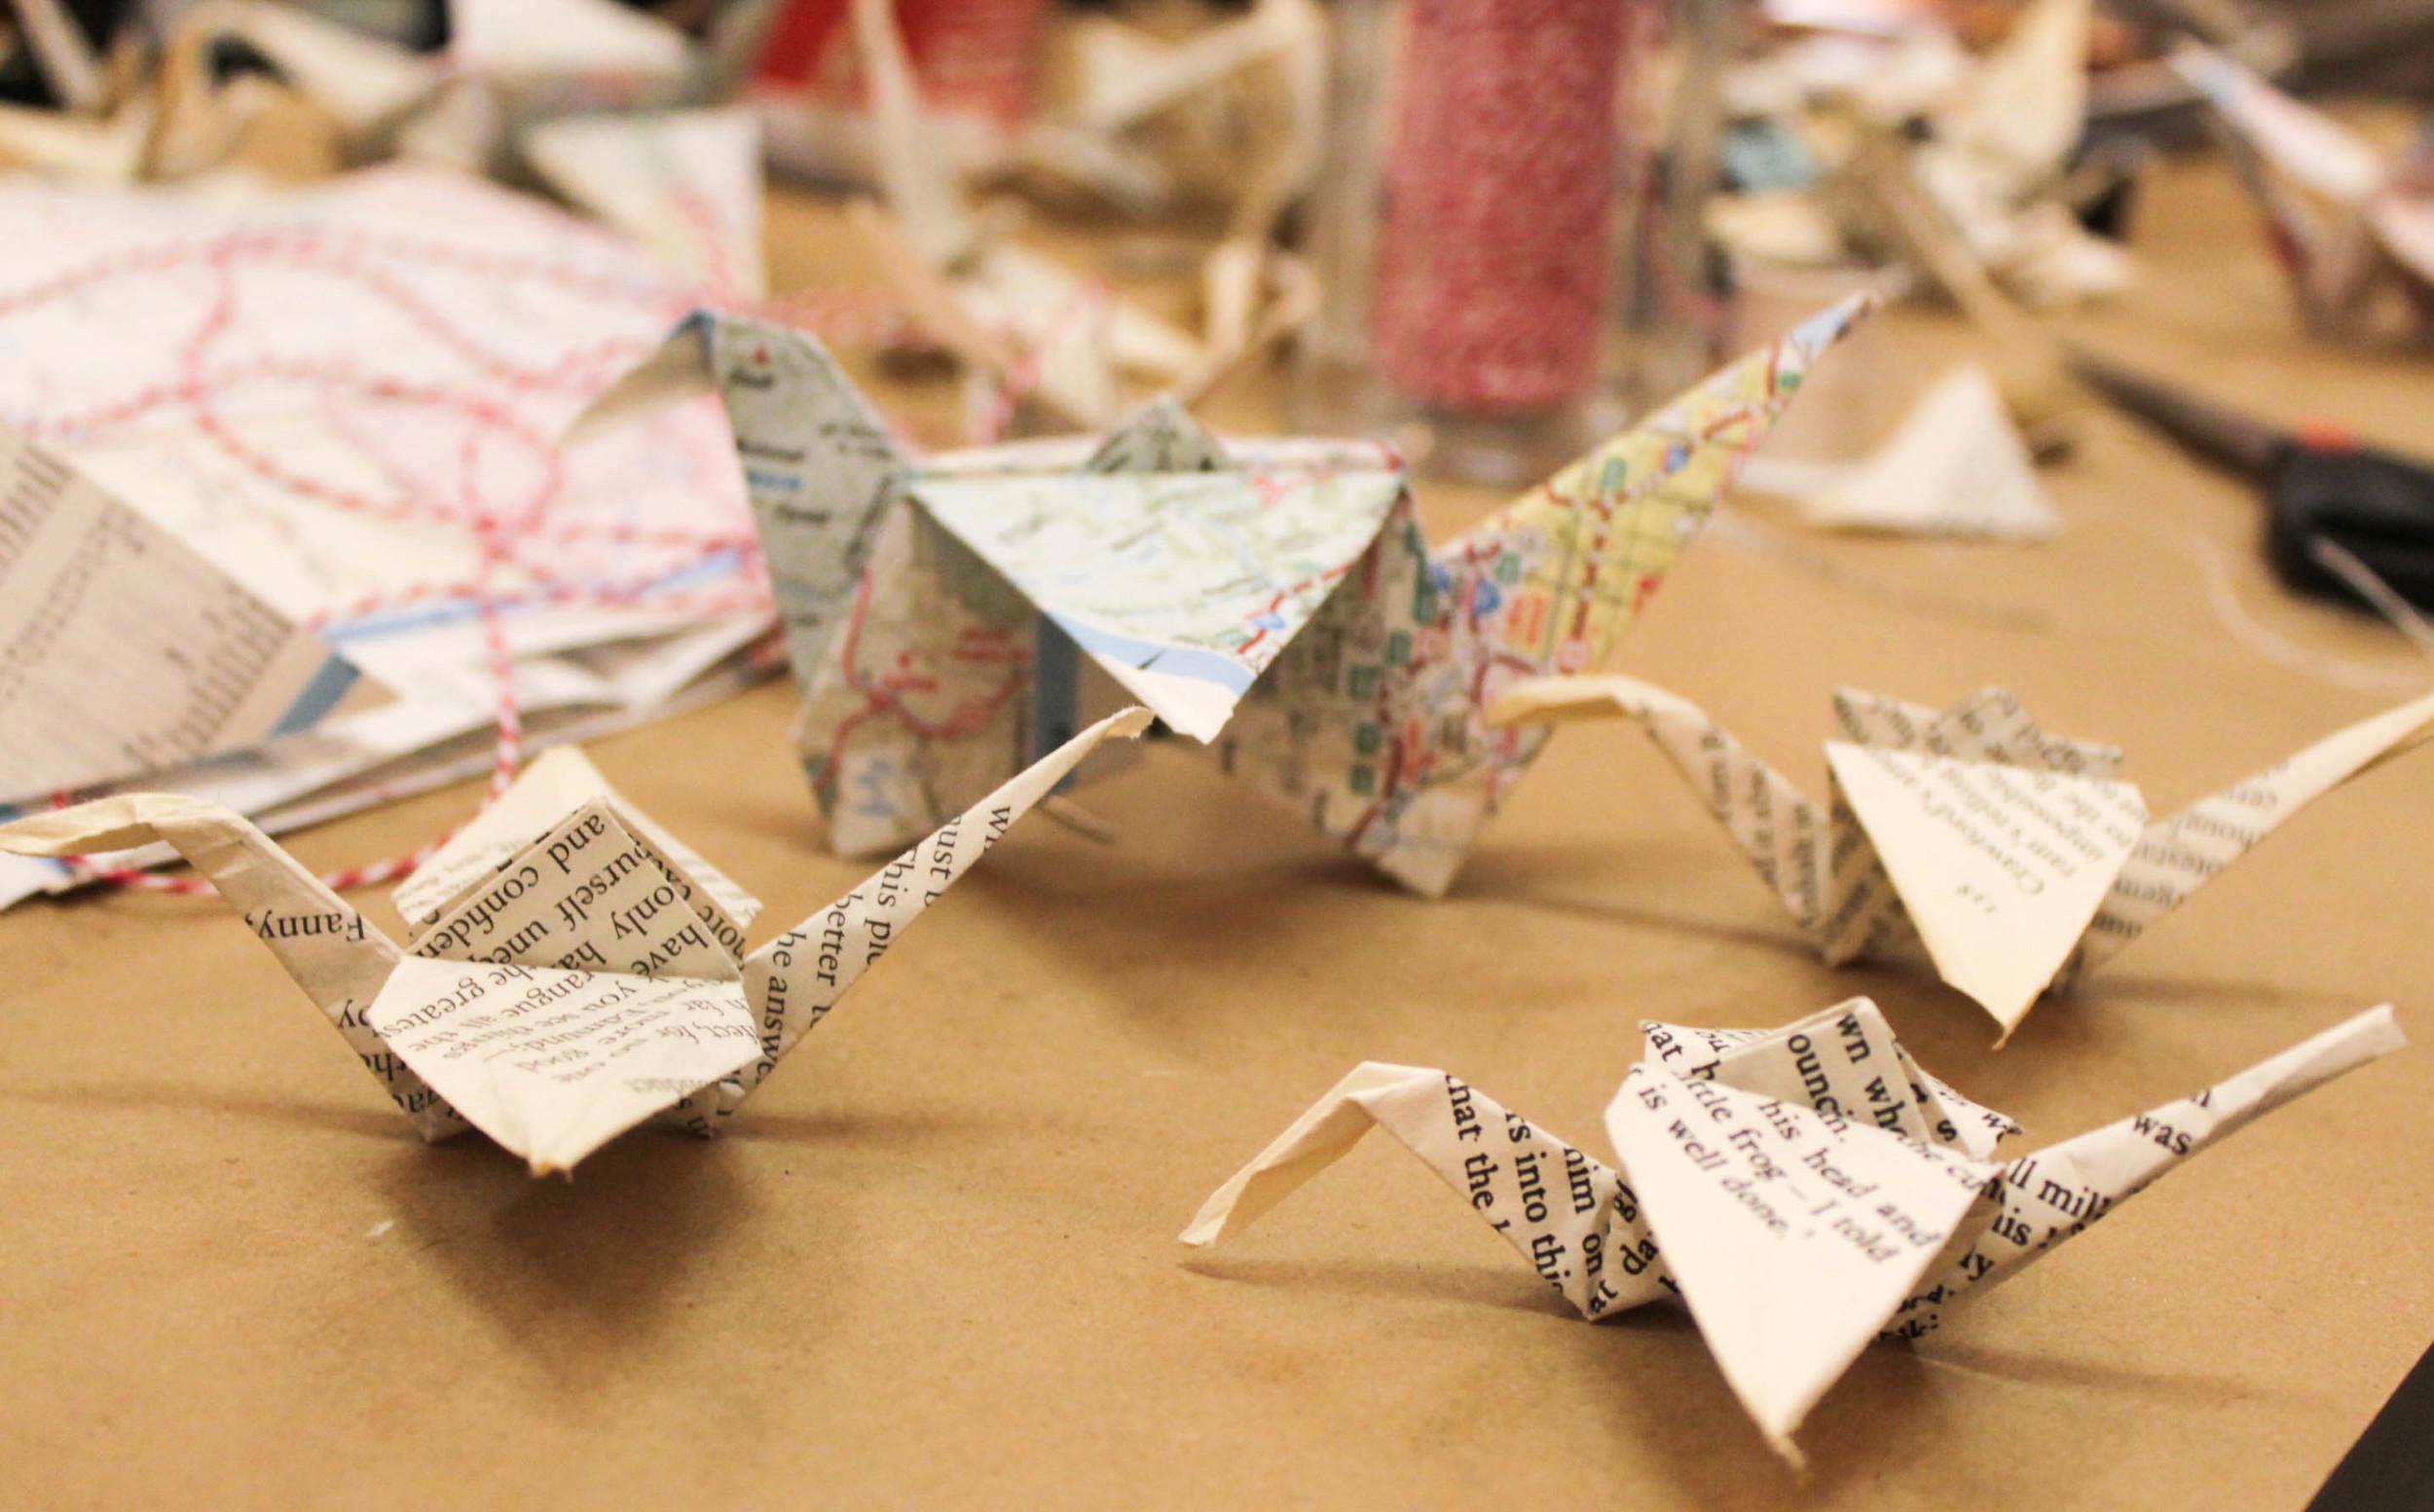 paper-cranes-etxe-27.jpg